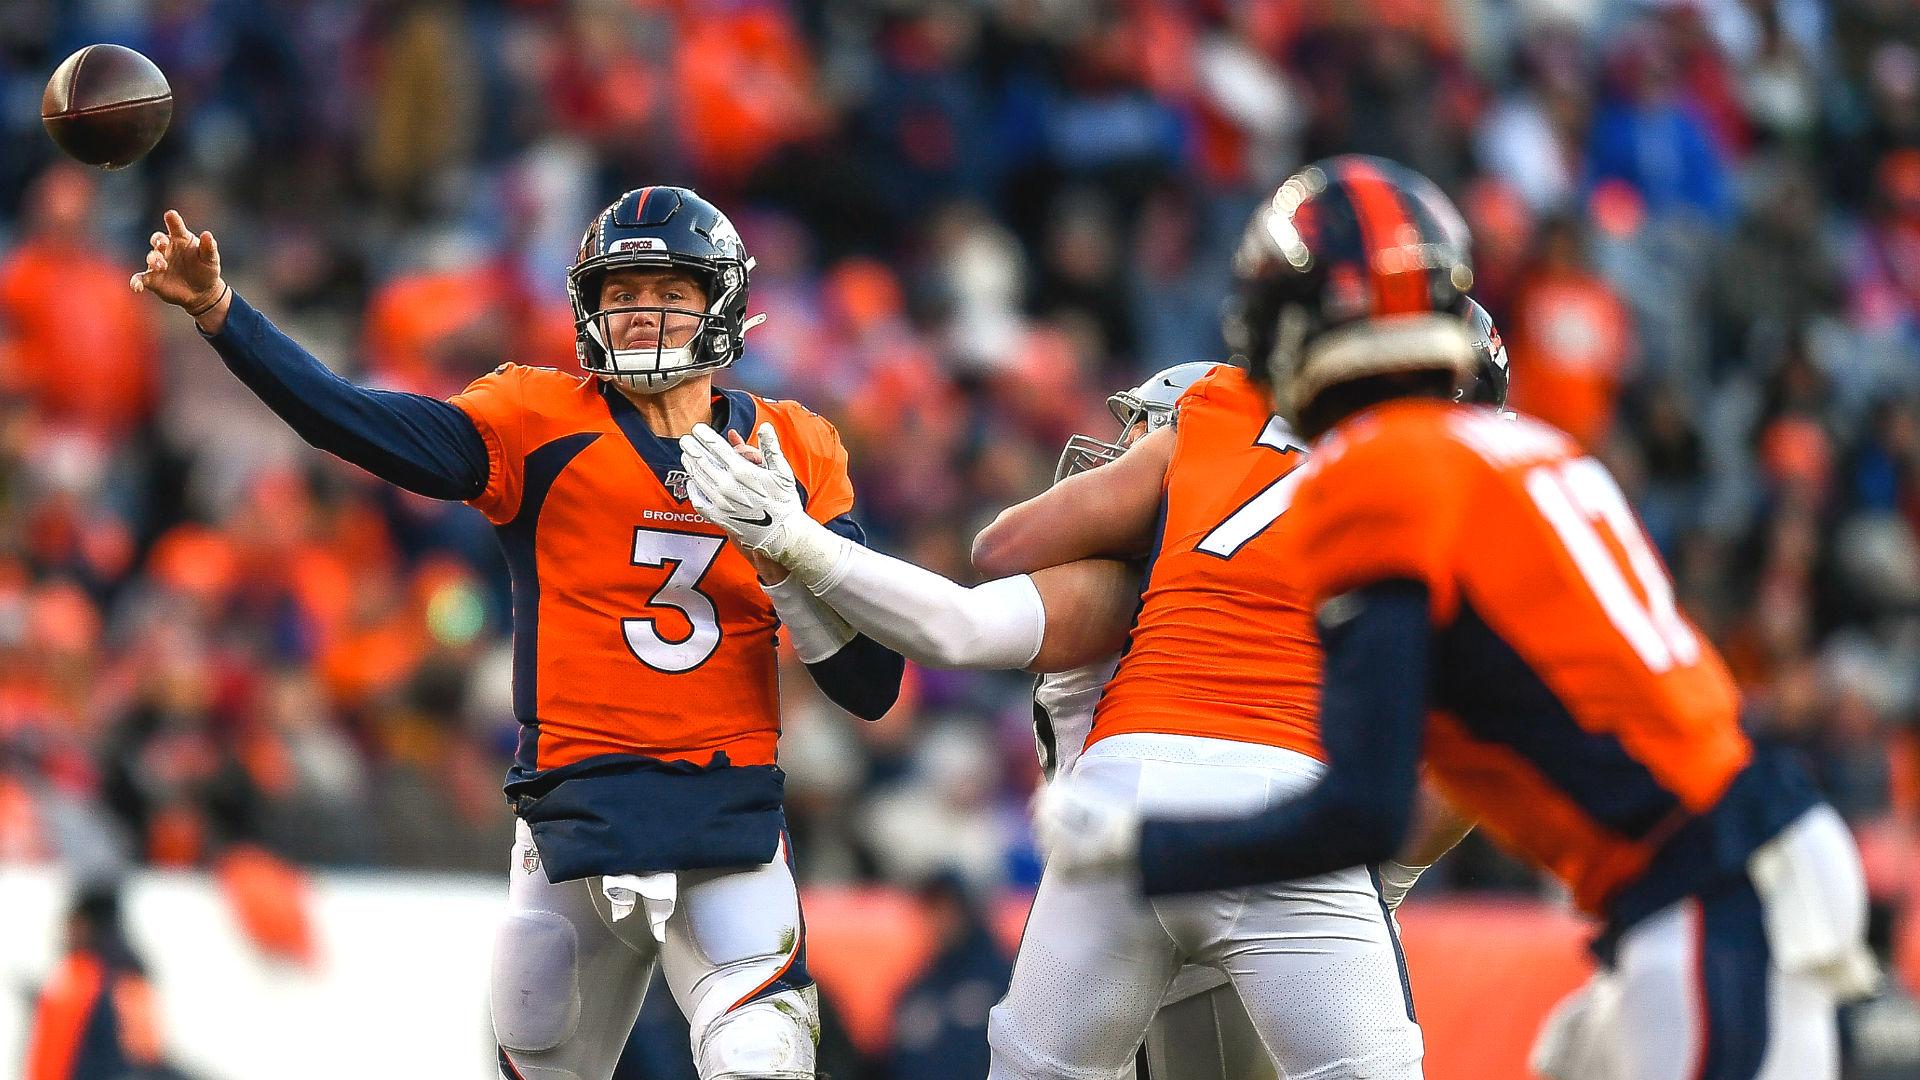 Guía de temporada baja de los Broncos 2020: agentes libres clave, necesidades del equipo, objetivos, límite salarial y selecciones de draft 9